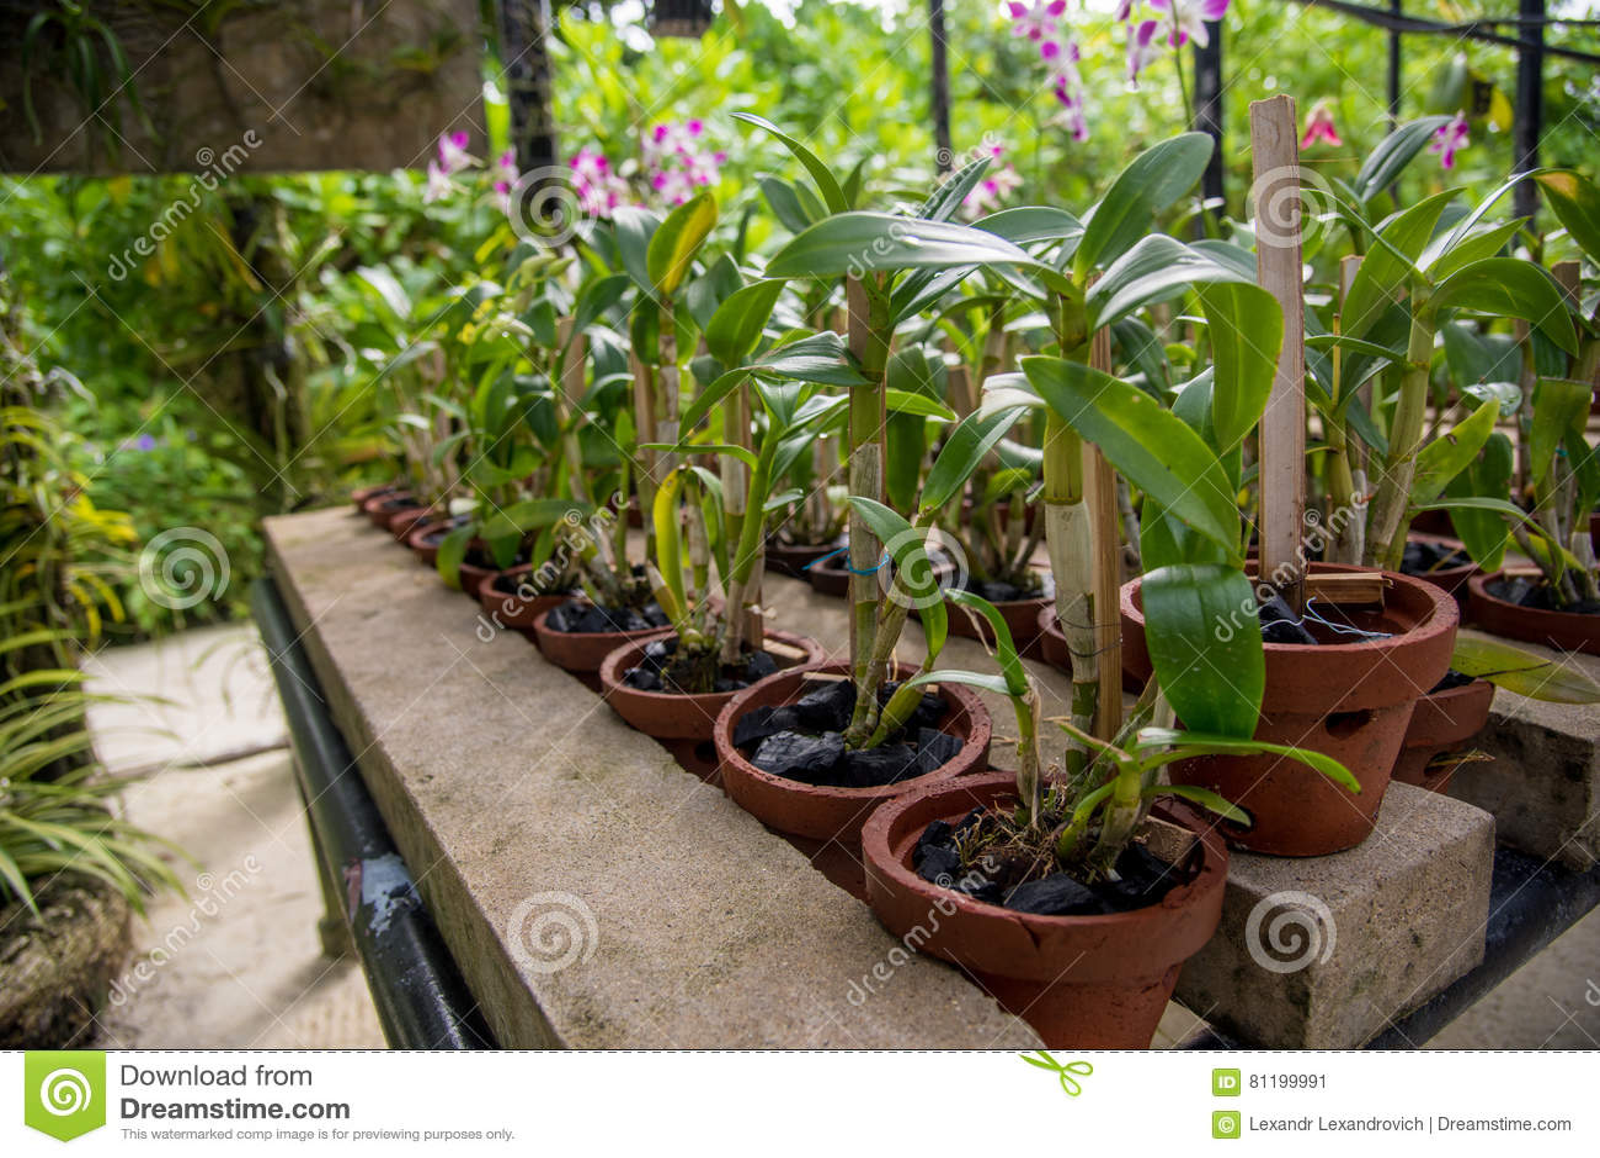 Gewchshaus boden perfect gurken botanisch cucumis sativus for Garten arbeiten